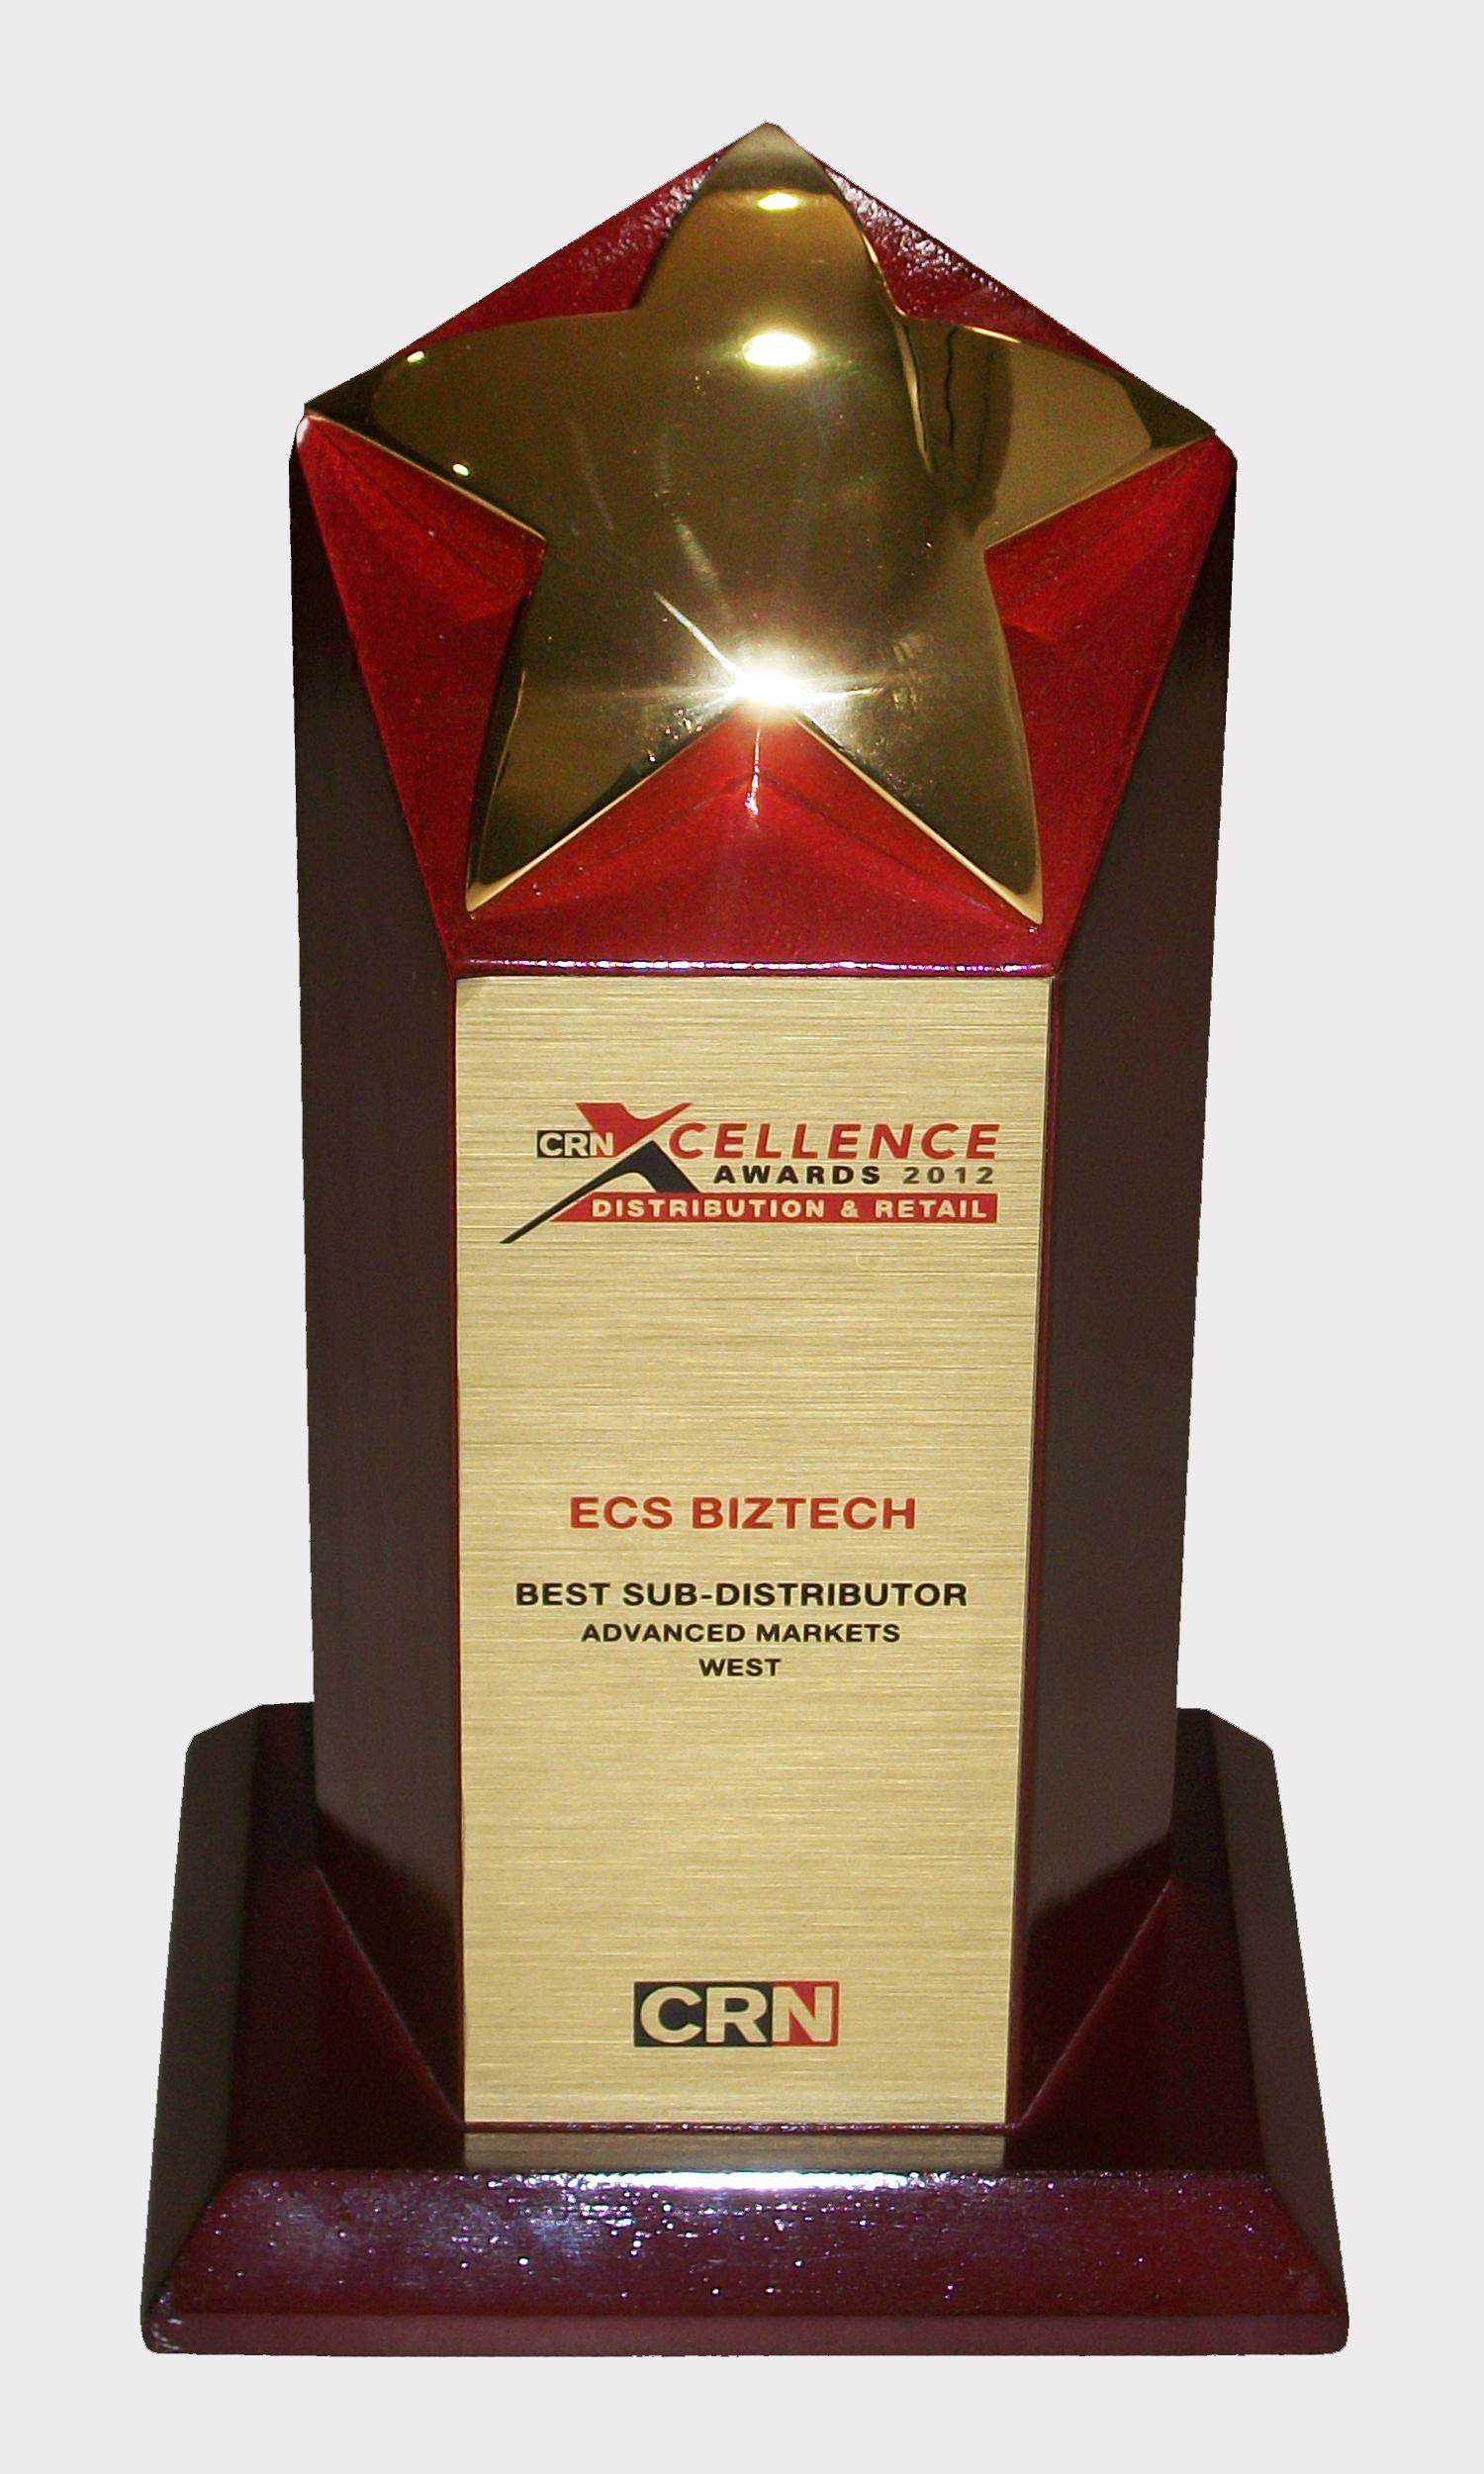 CRN Xcellence Awards 2012 - ECS Biztech